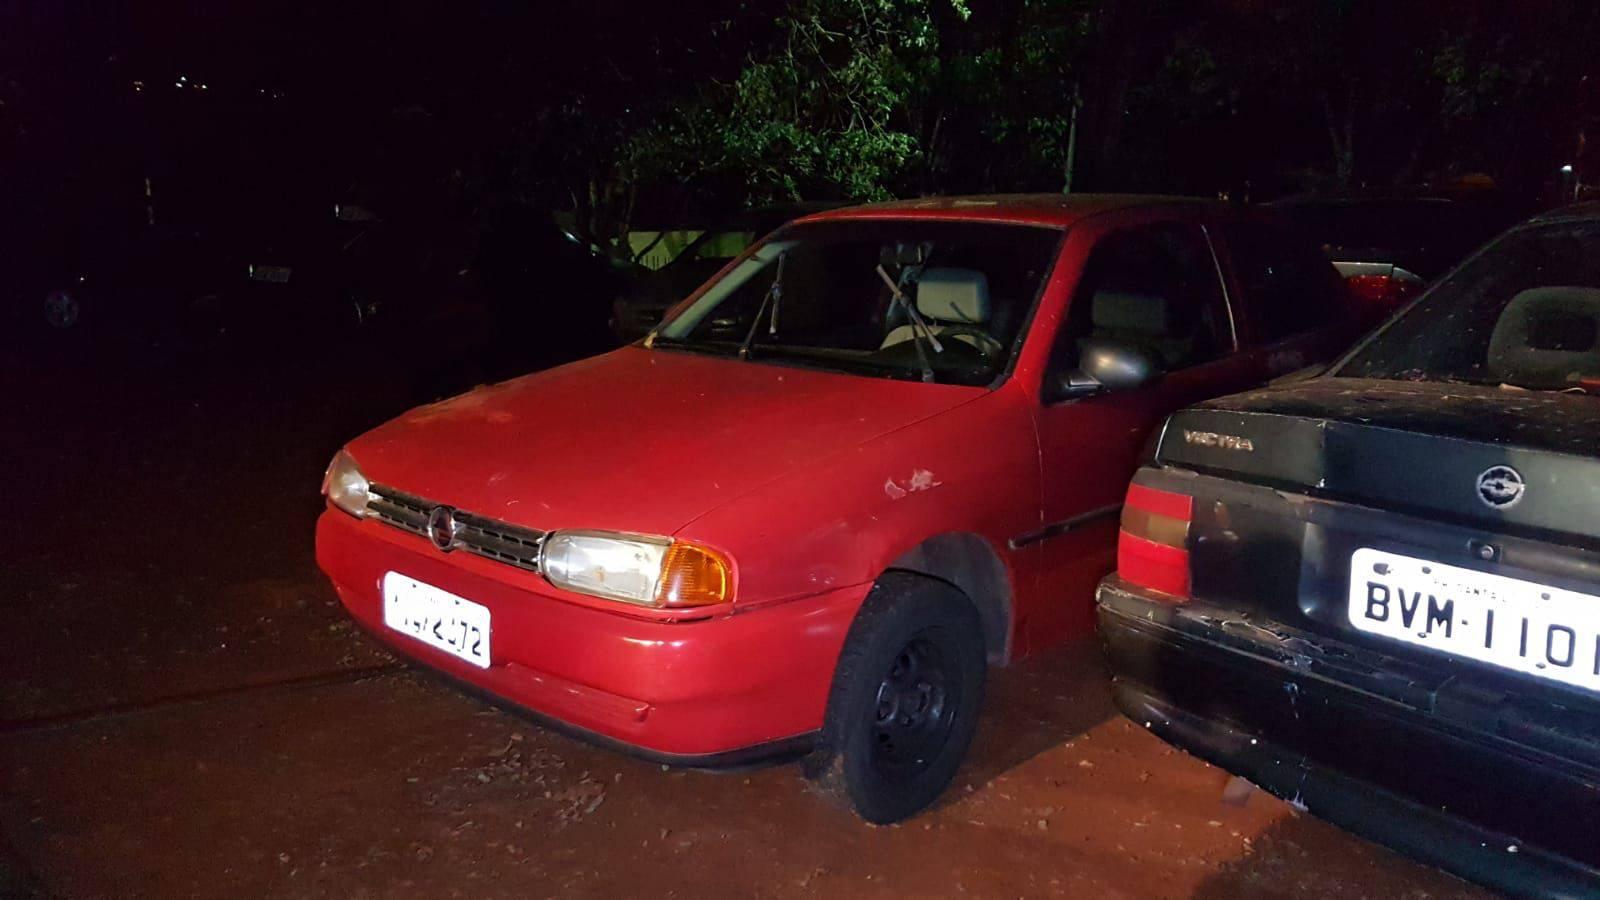 Gol furtado na Rua Riachuelo é recuperado pela Polícia Militar no Bairro Interlagos